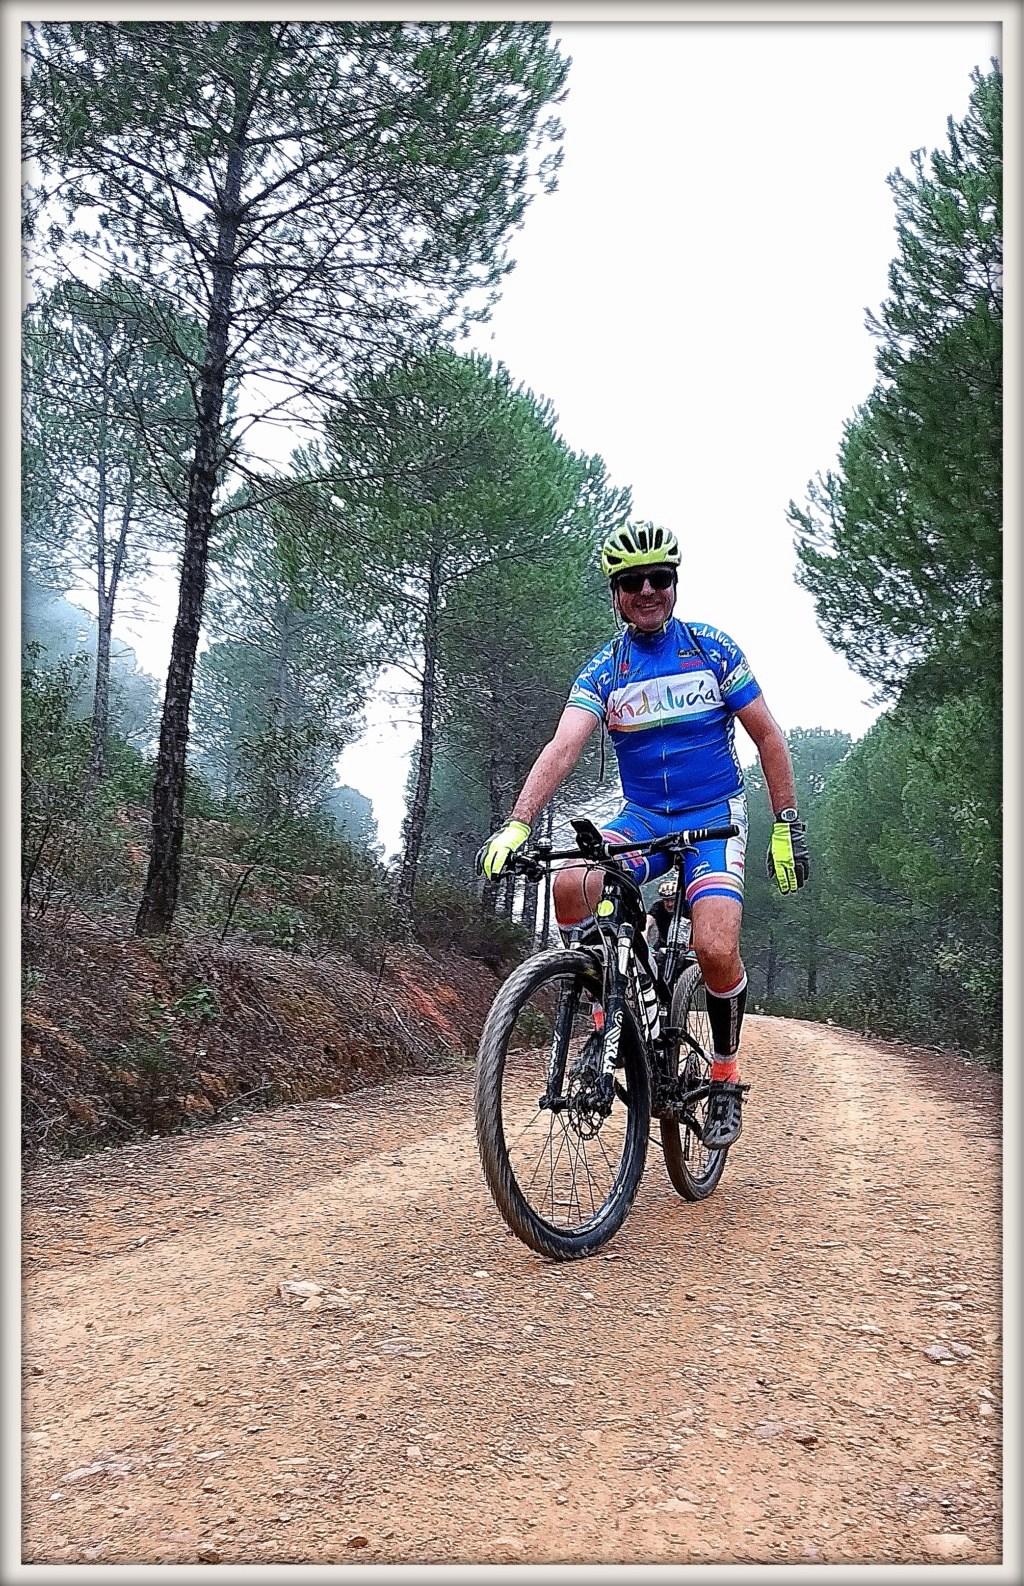 SABADO 08/02/2020 Valverde del Camino - DOLMENES - Pozuelo- Valverde (46 Km y 700m.) Img_2018